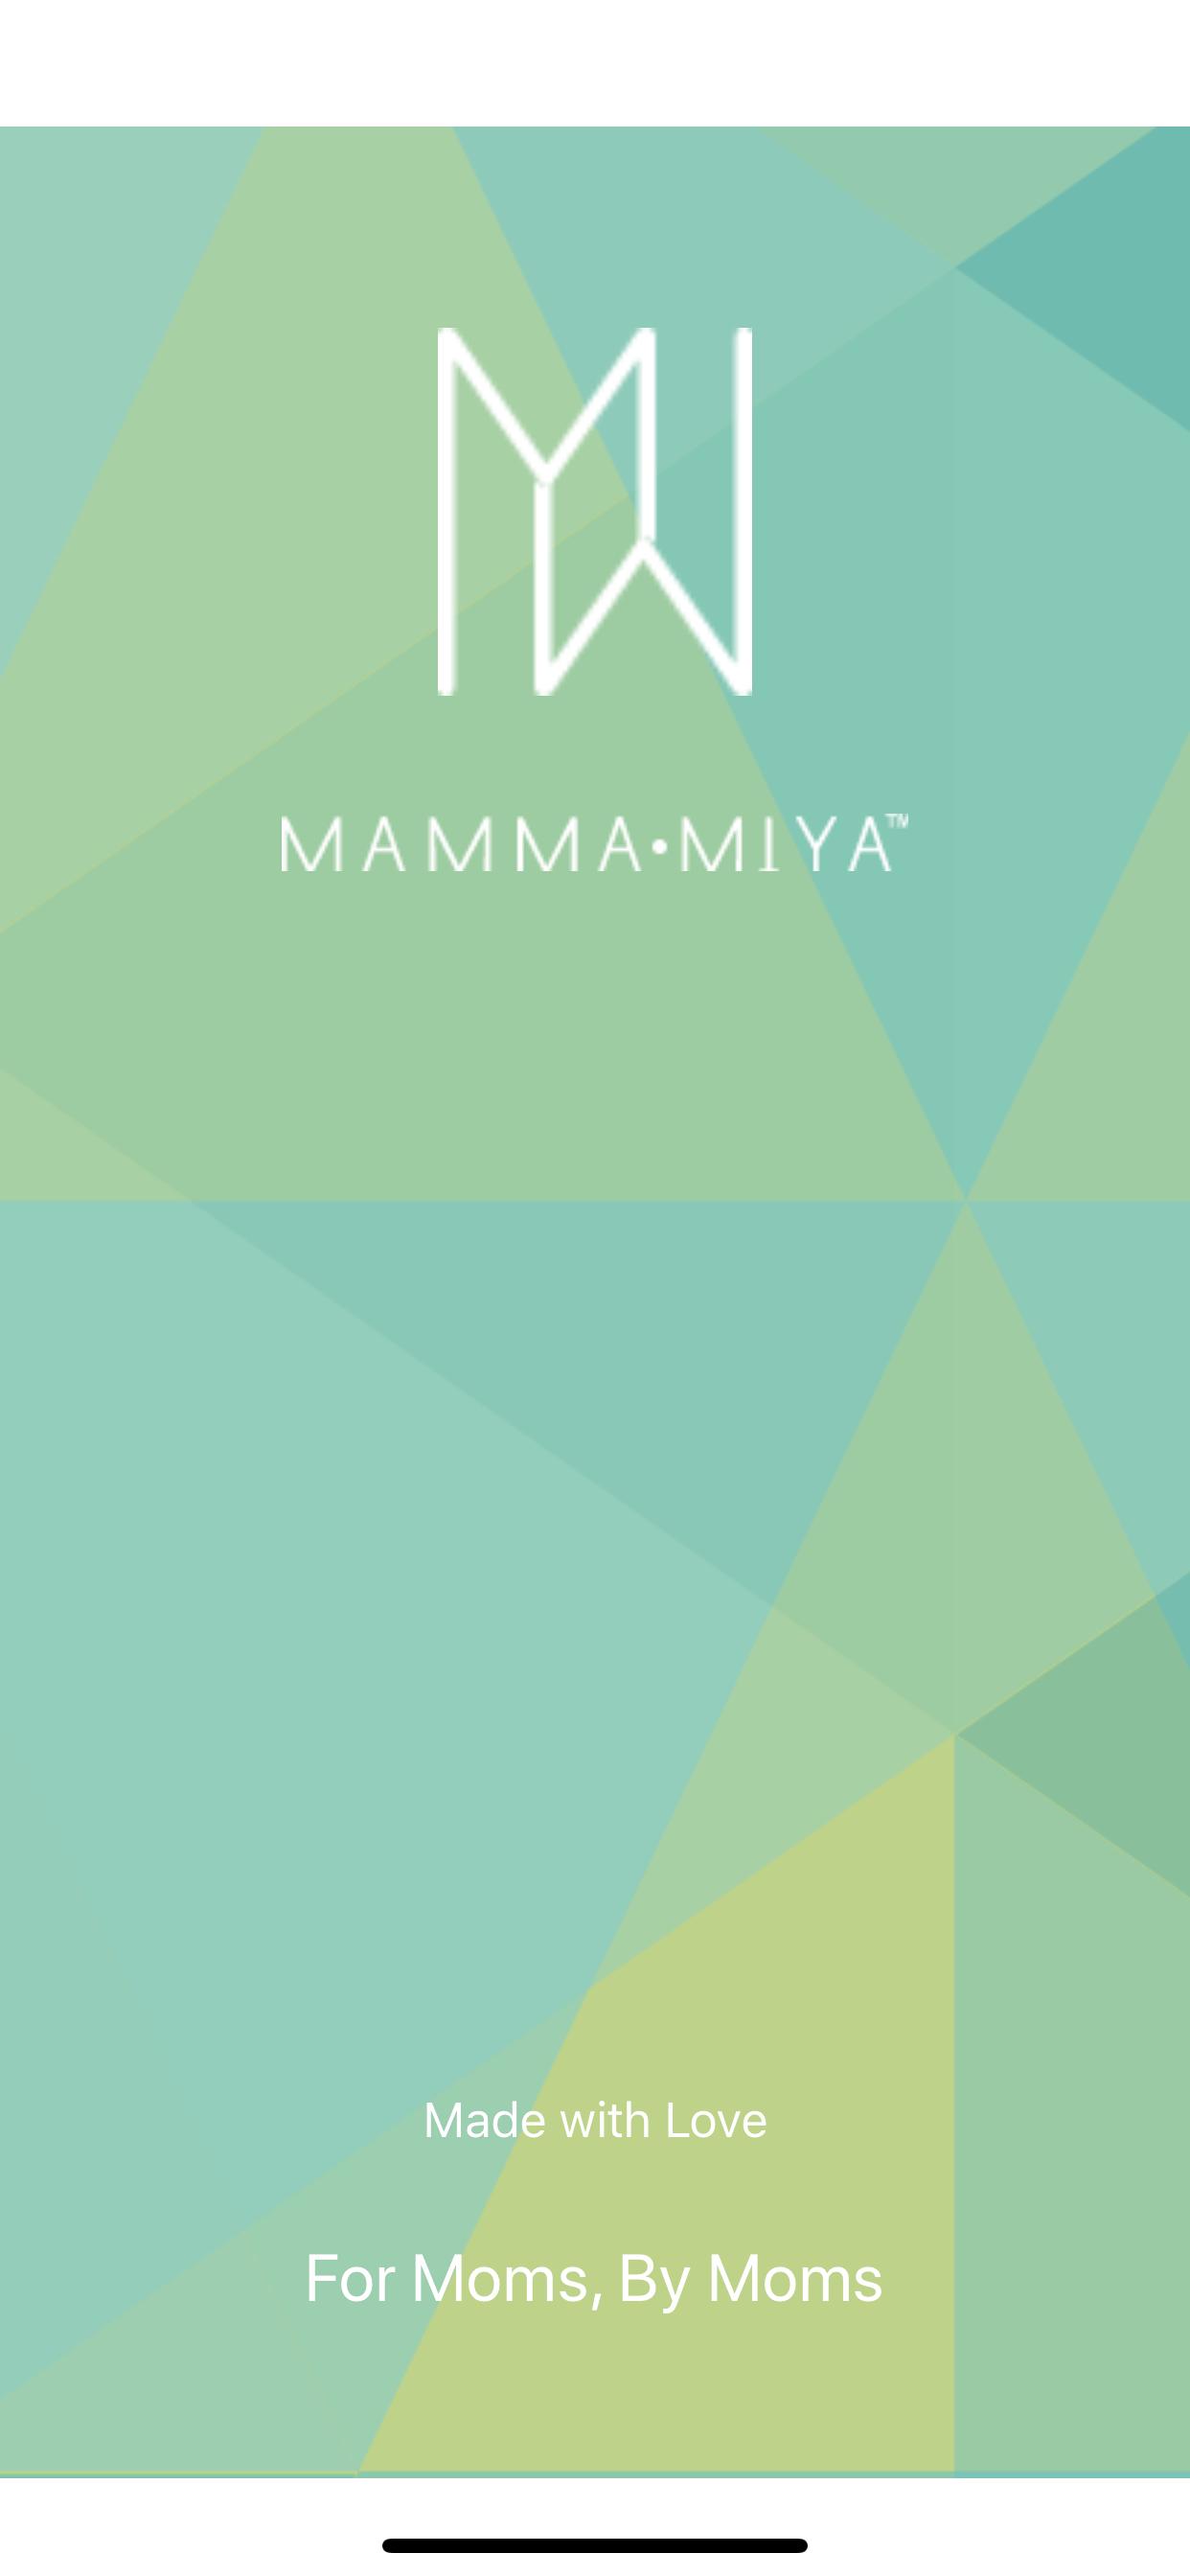 mamma-miya.com, mental clutter, moms,